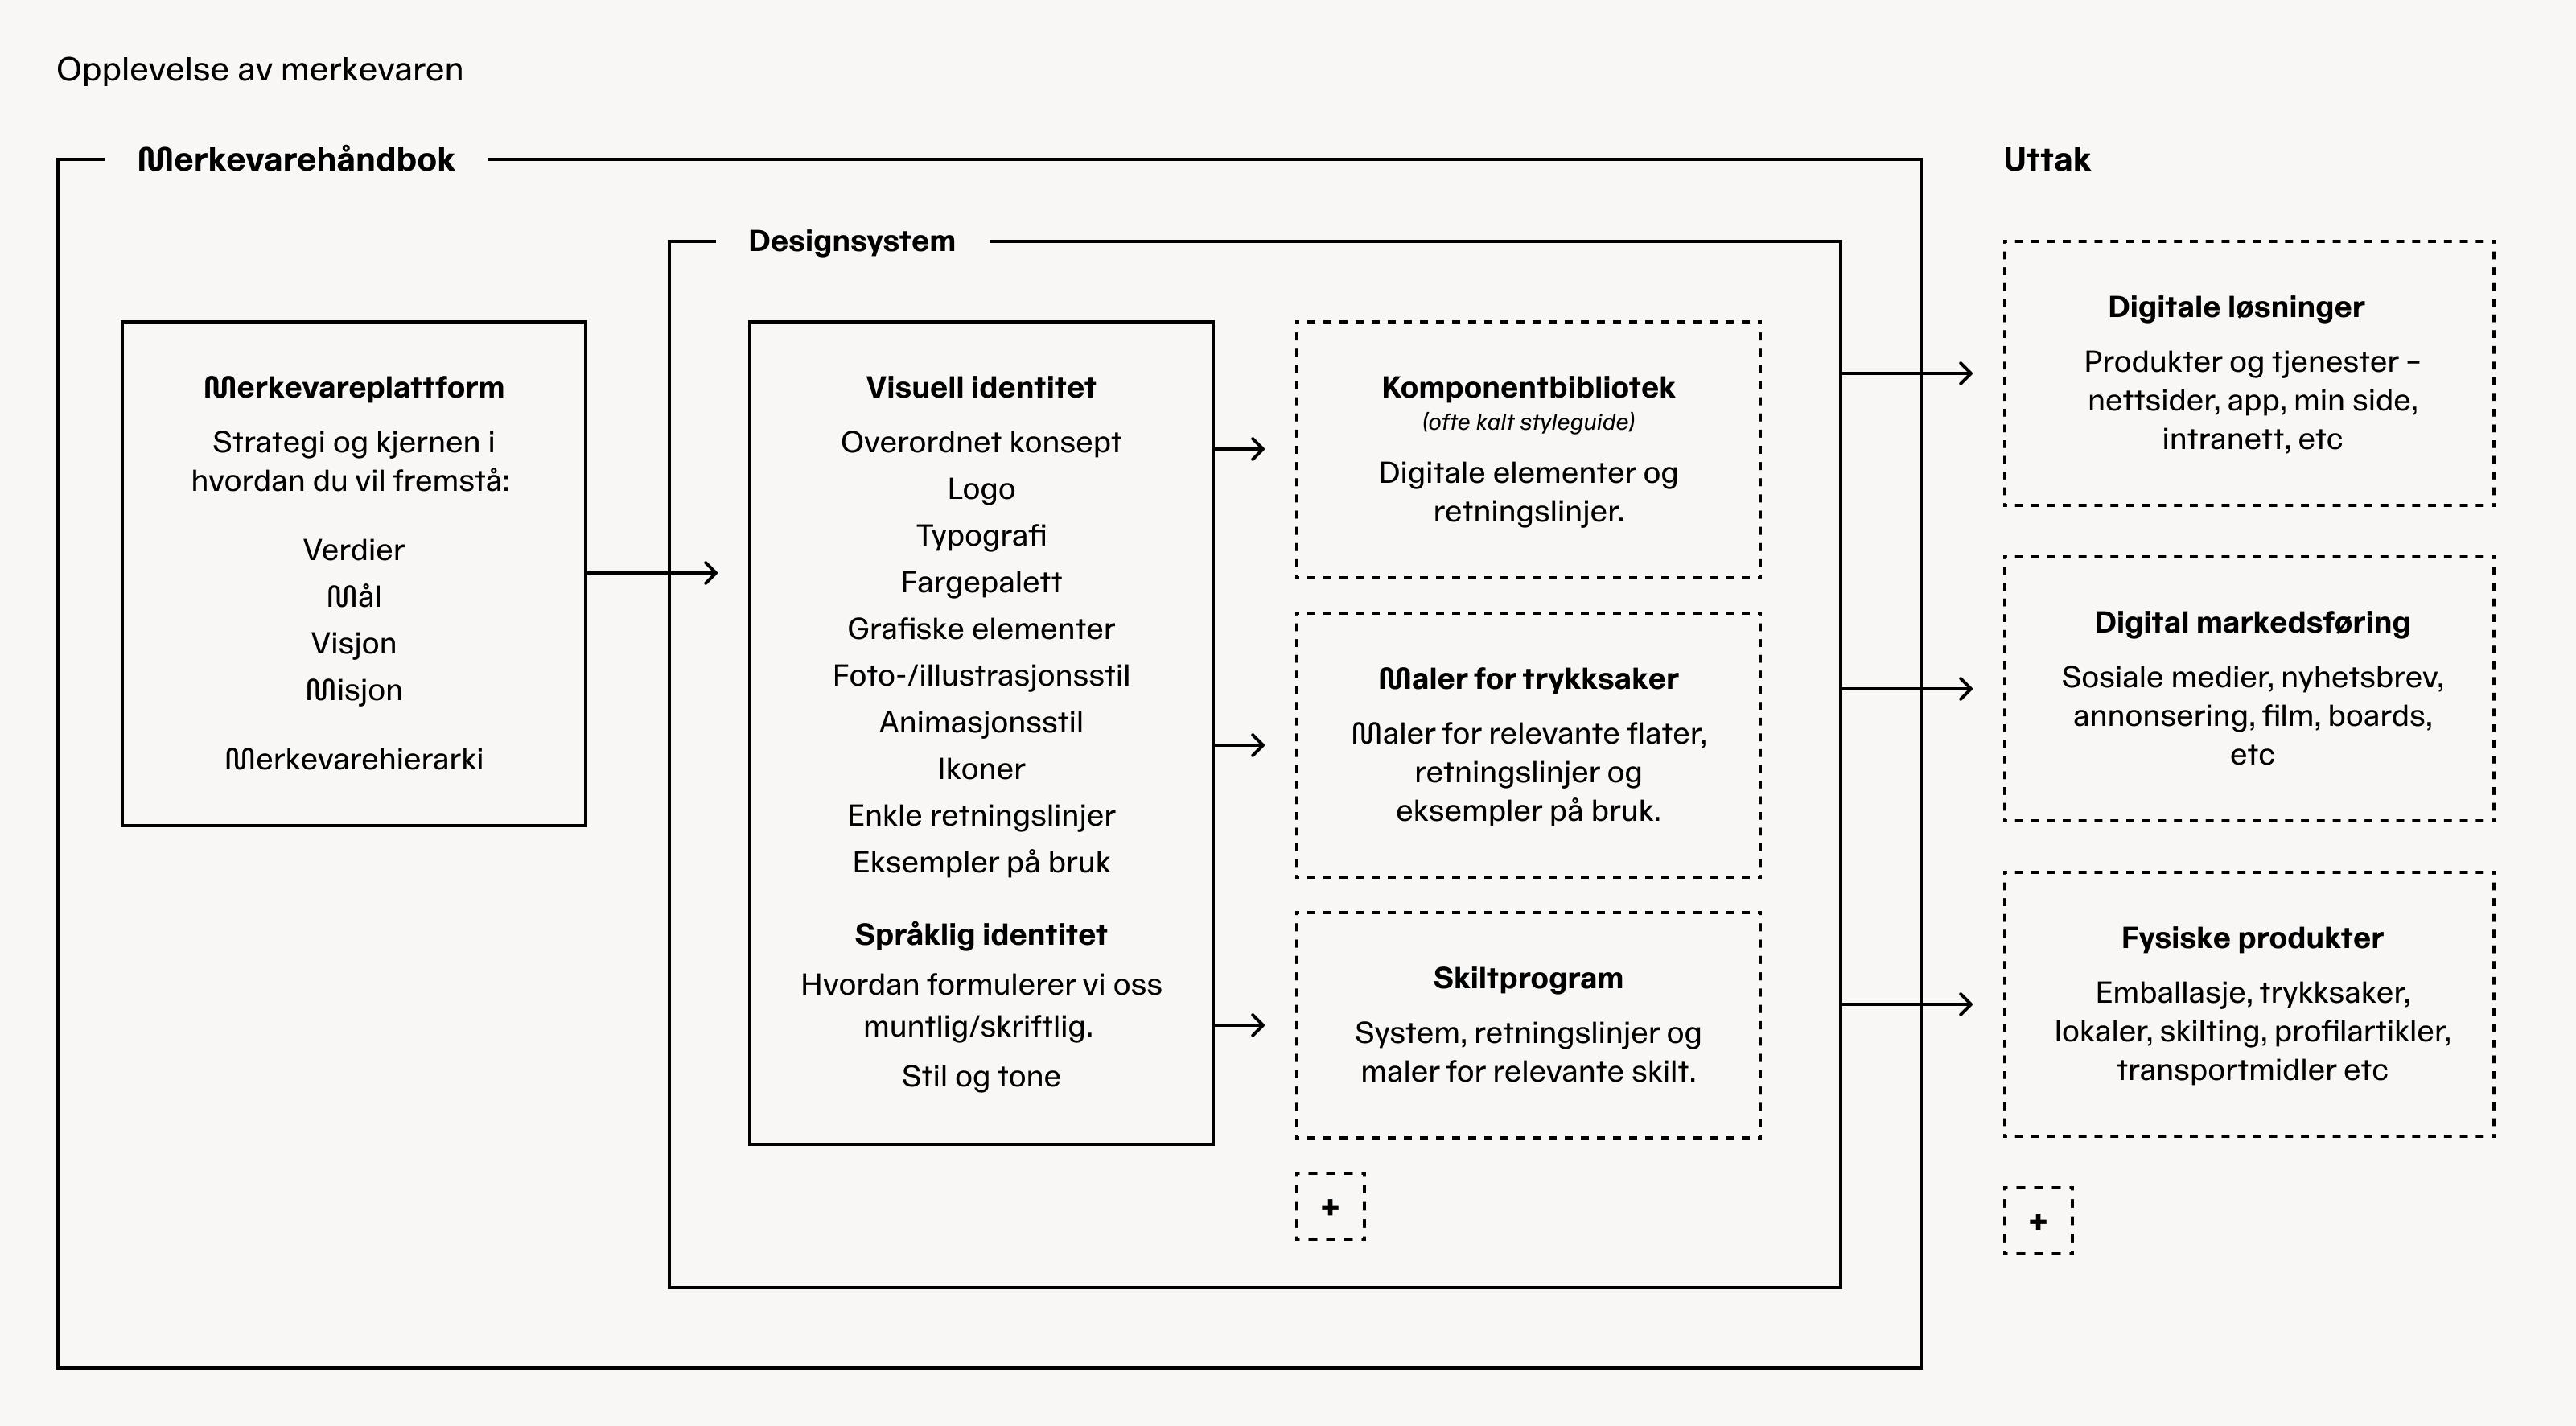 Modellen viser innholdet i en merkevarehåndbok som for eksempel designsystem med komponentbibliotek + uttakene som for eksempel digitale løsninger.